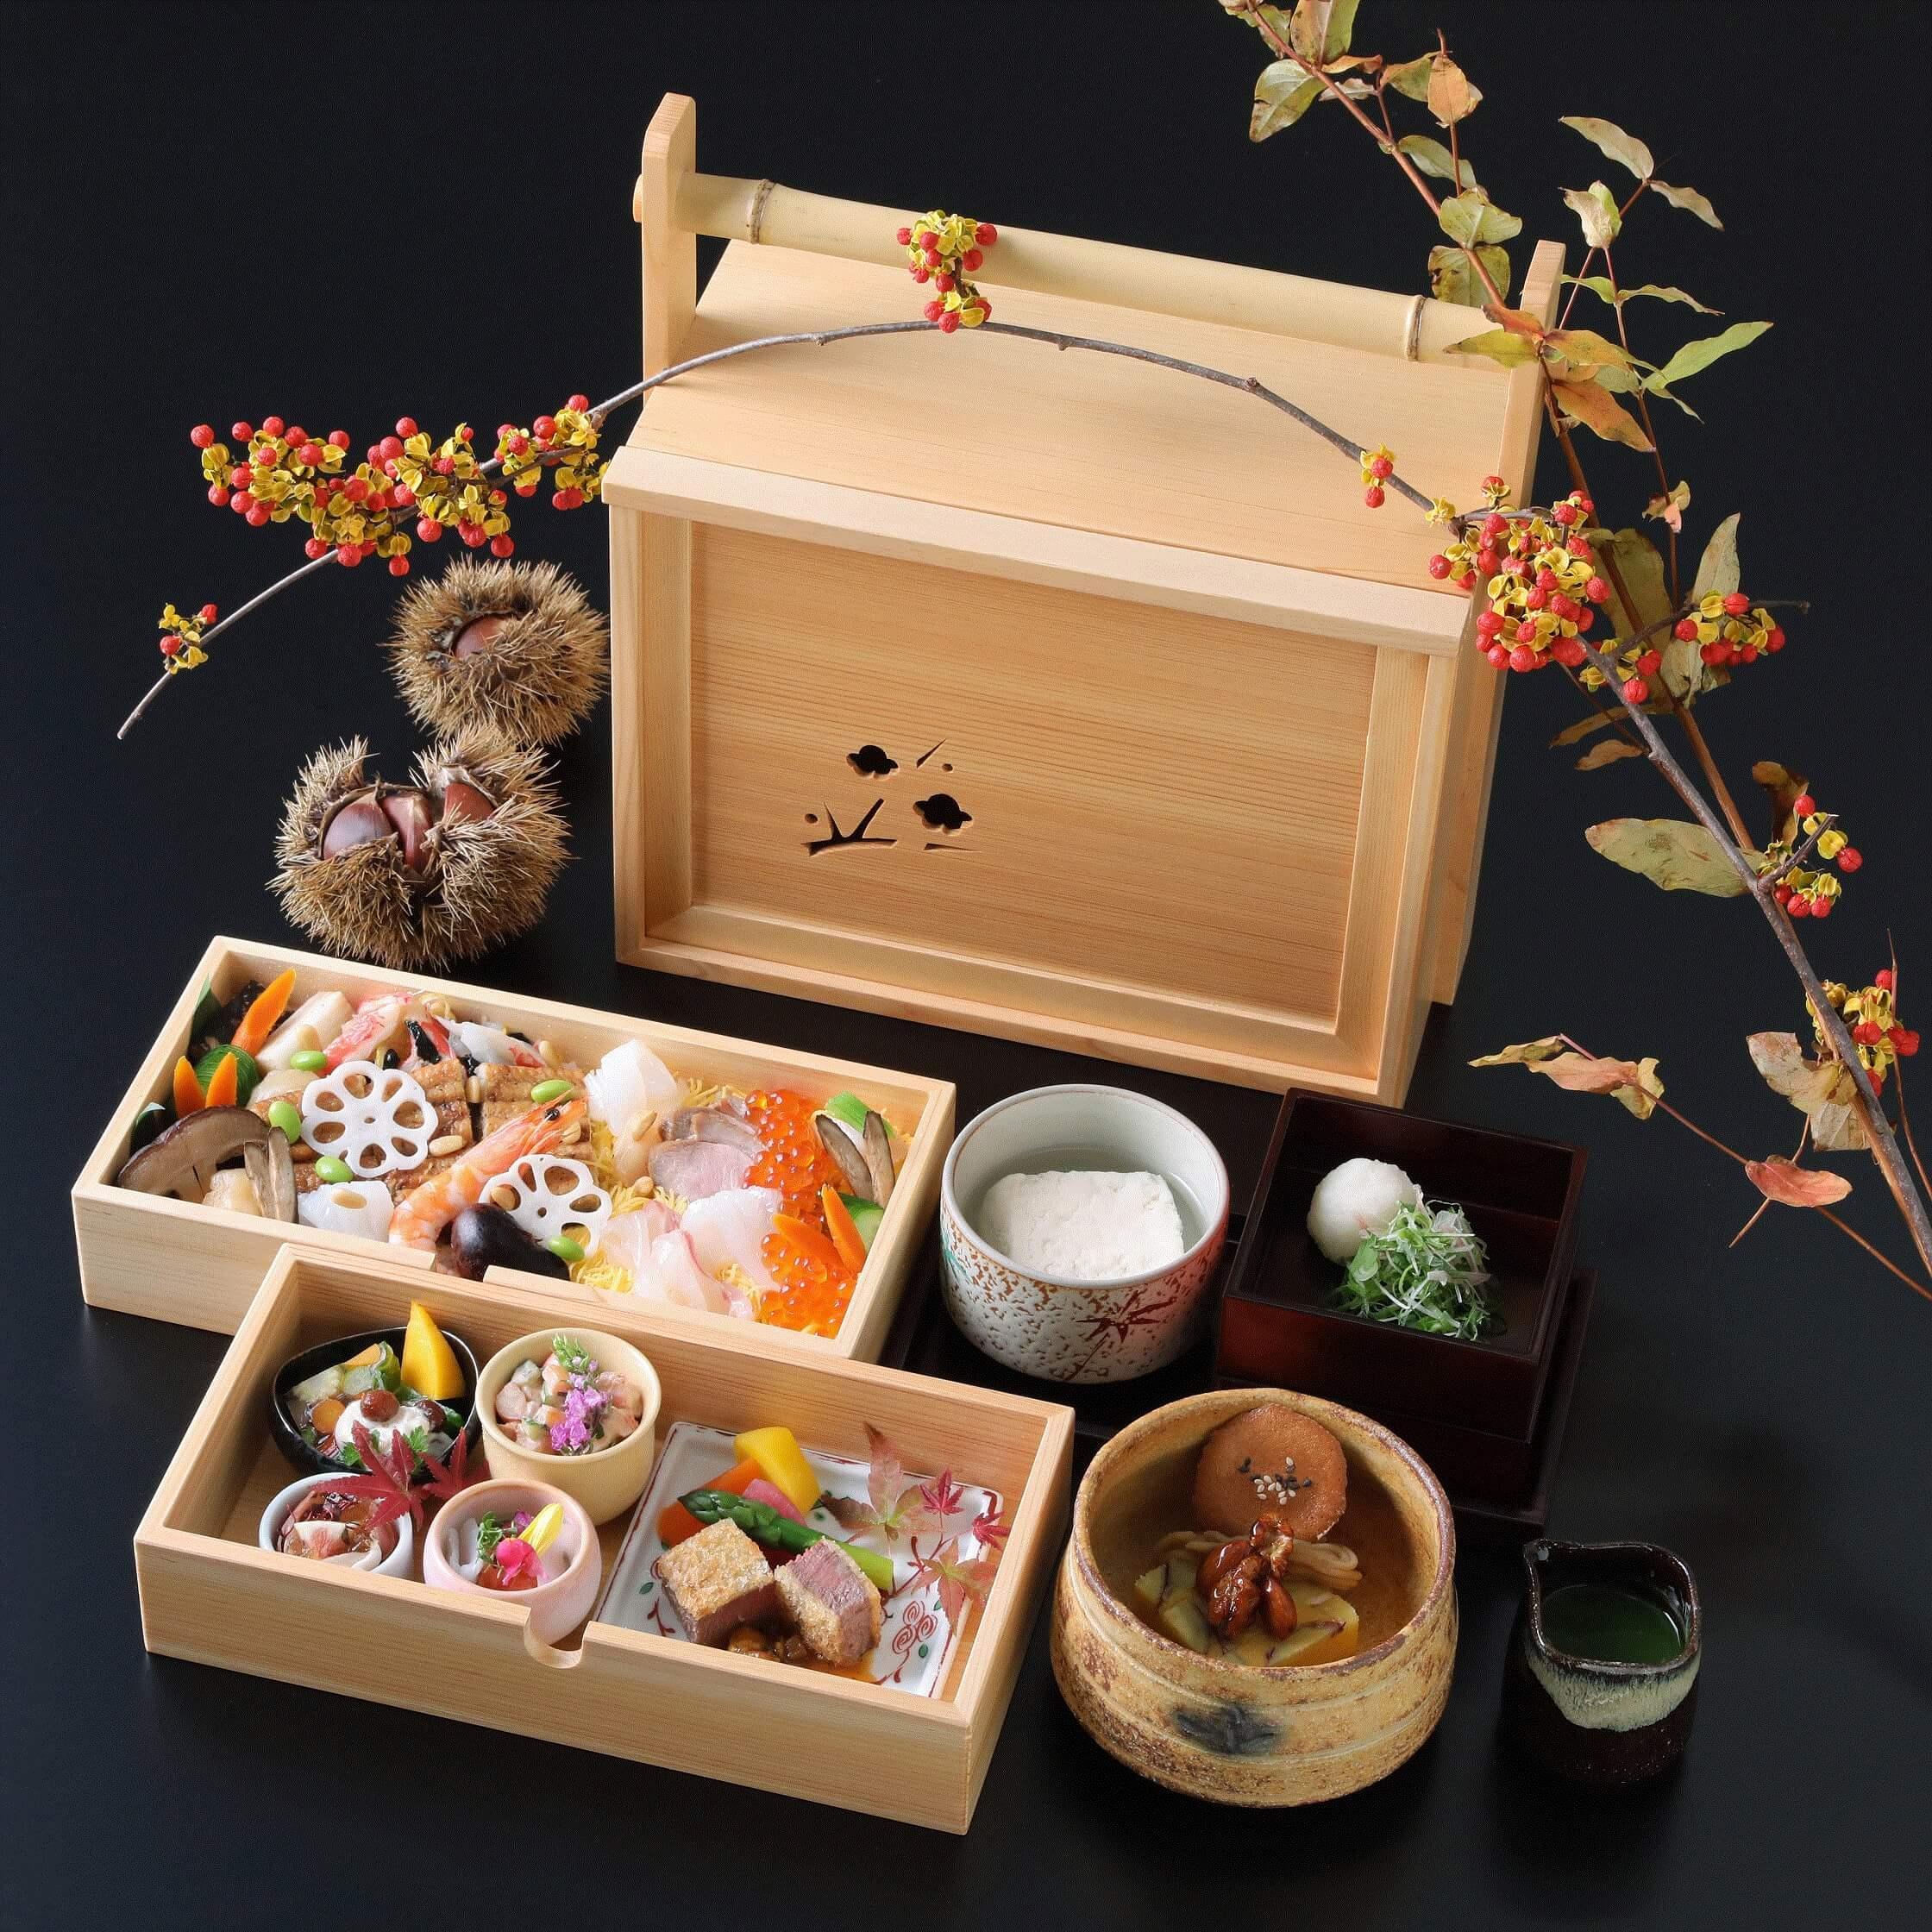 原宿東鄉記念館 可以觀賞紅葉的期間限定餐廳「神樂」開幕 在原宿、